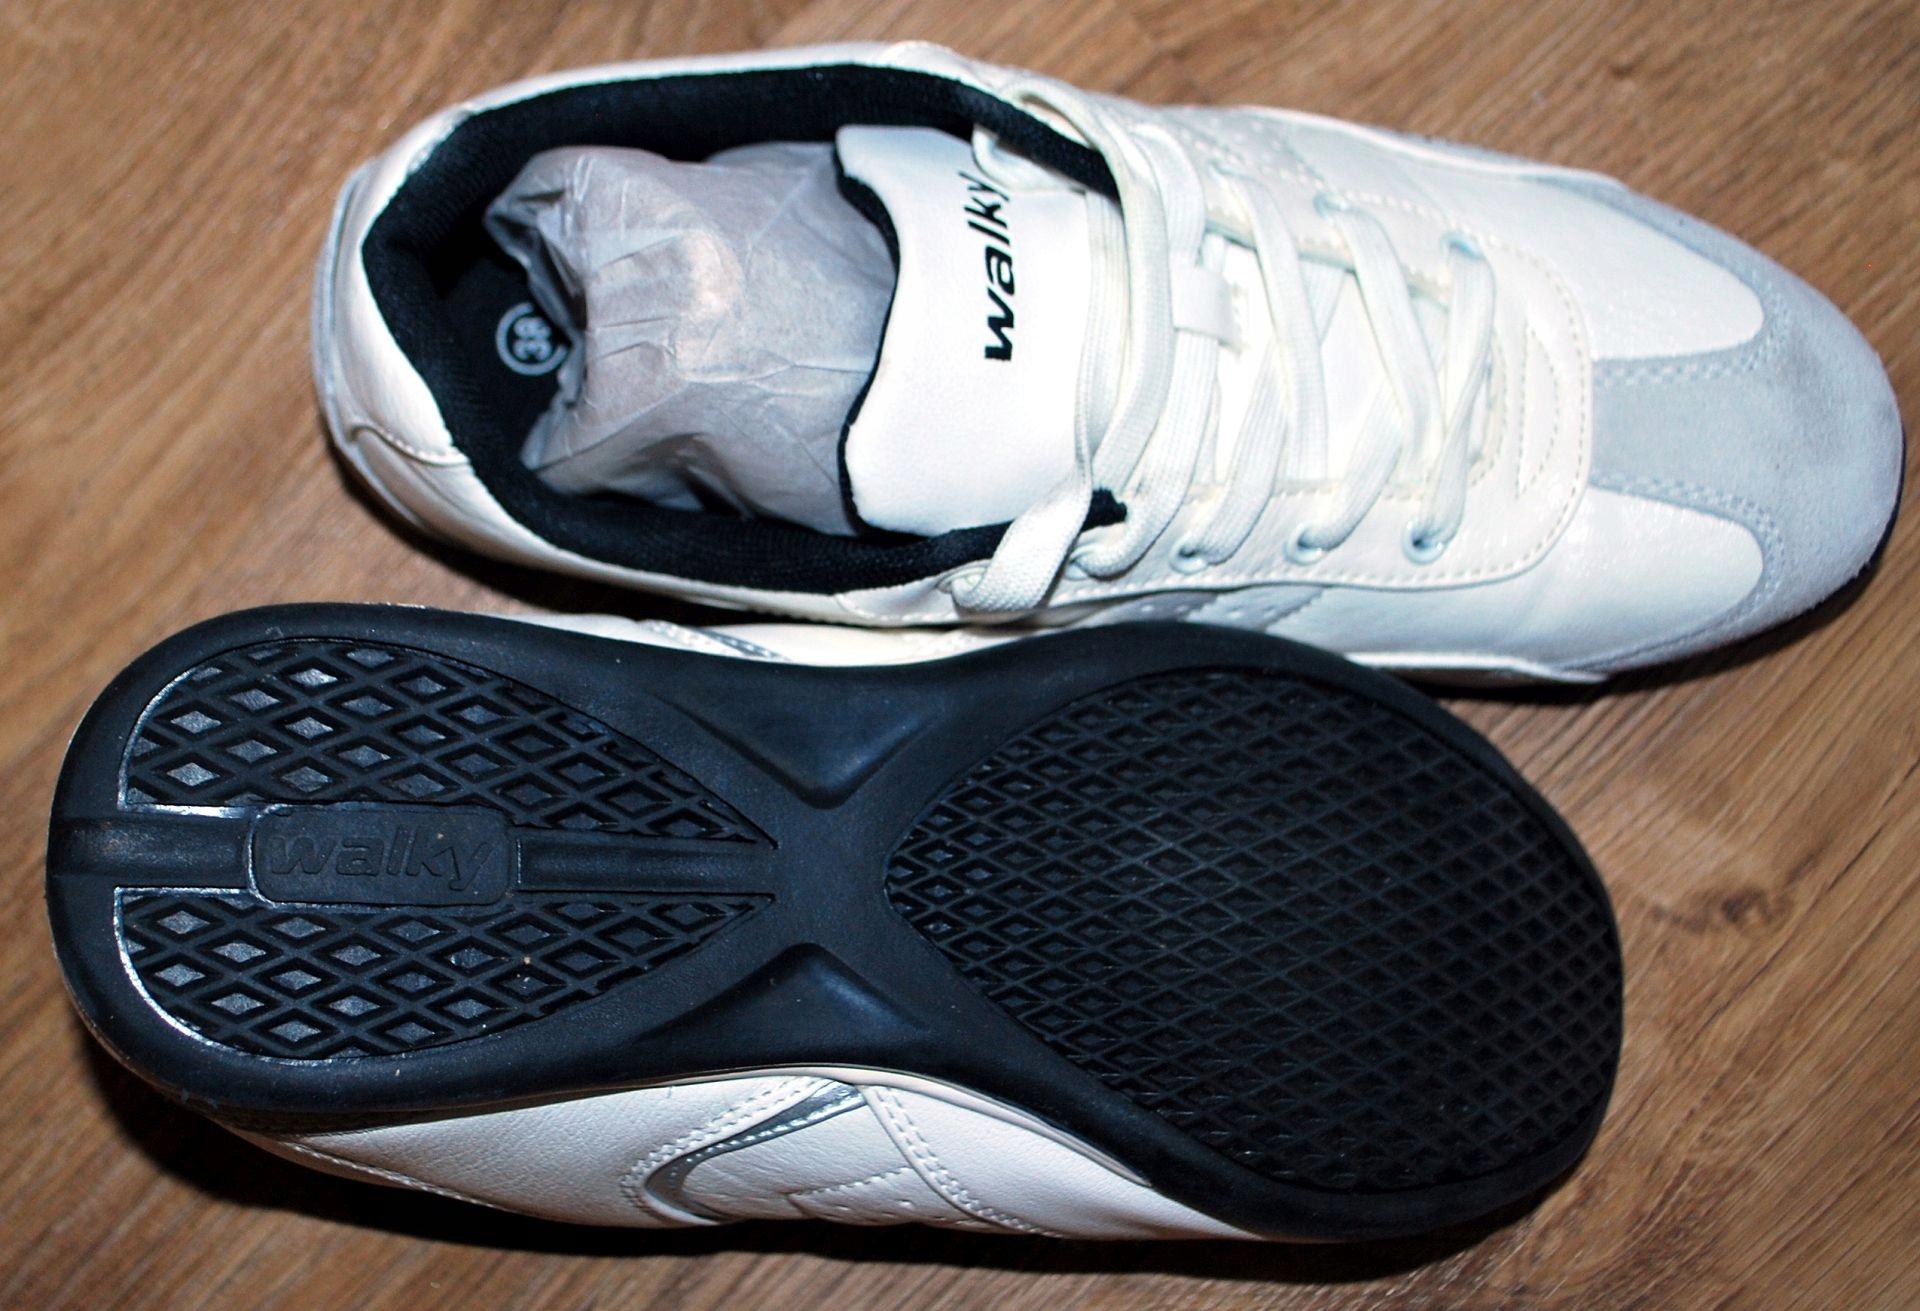 4a6447389b8ff Walky Białe Buty Firmy Damskie Sportowe Oficjalne 7691024963 rqIwItF